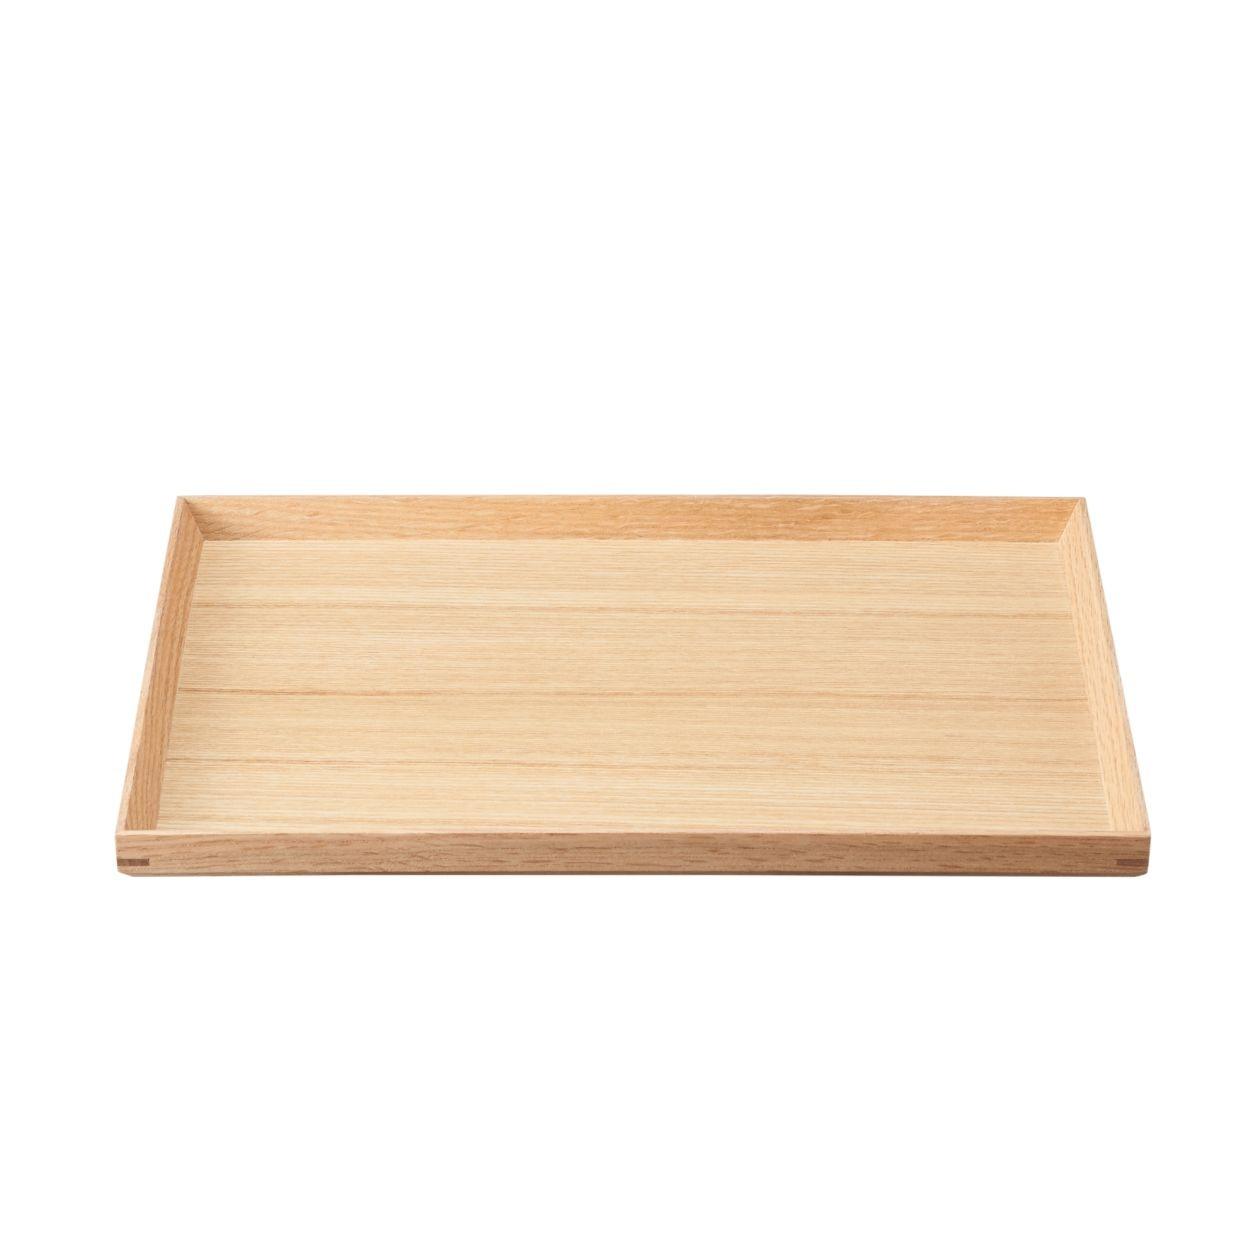 【まとめ買い】木製 角型トレー